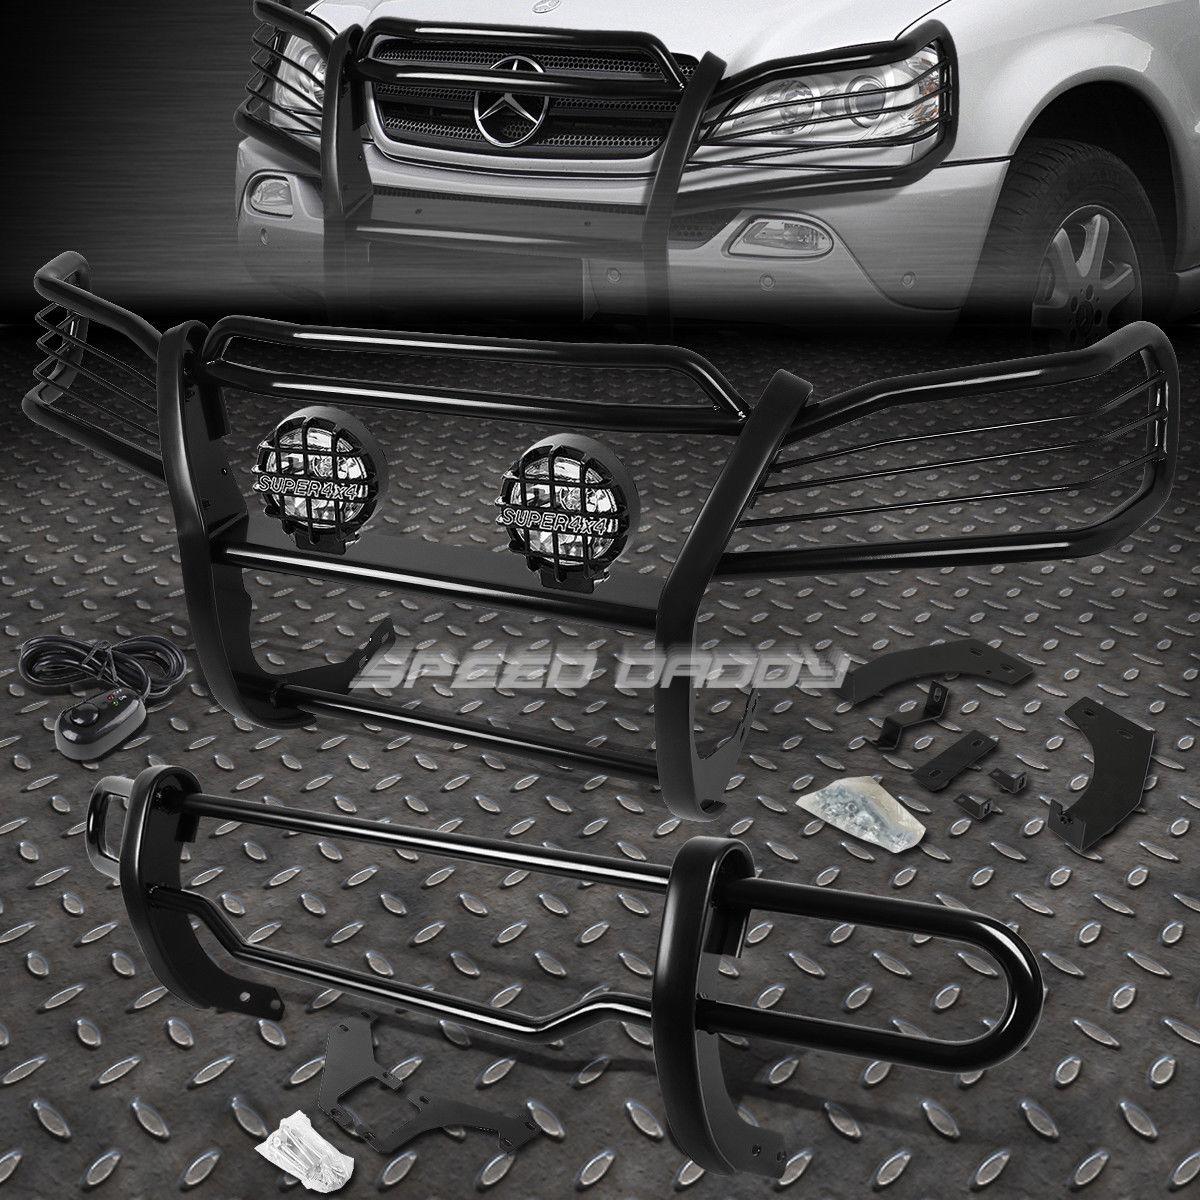 フォグライト BLACK BRUSH GRILLE+REAR BUMPER GUARD+CLEAR FOG LIGHT FOR 98-05 W163 M-CLASS SUV ブラックブラッシュグリル+リアバッカーガード+クリアフォギーライトfor 98-05 W163 MクラスSUV